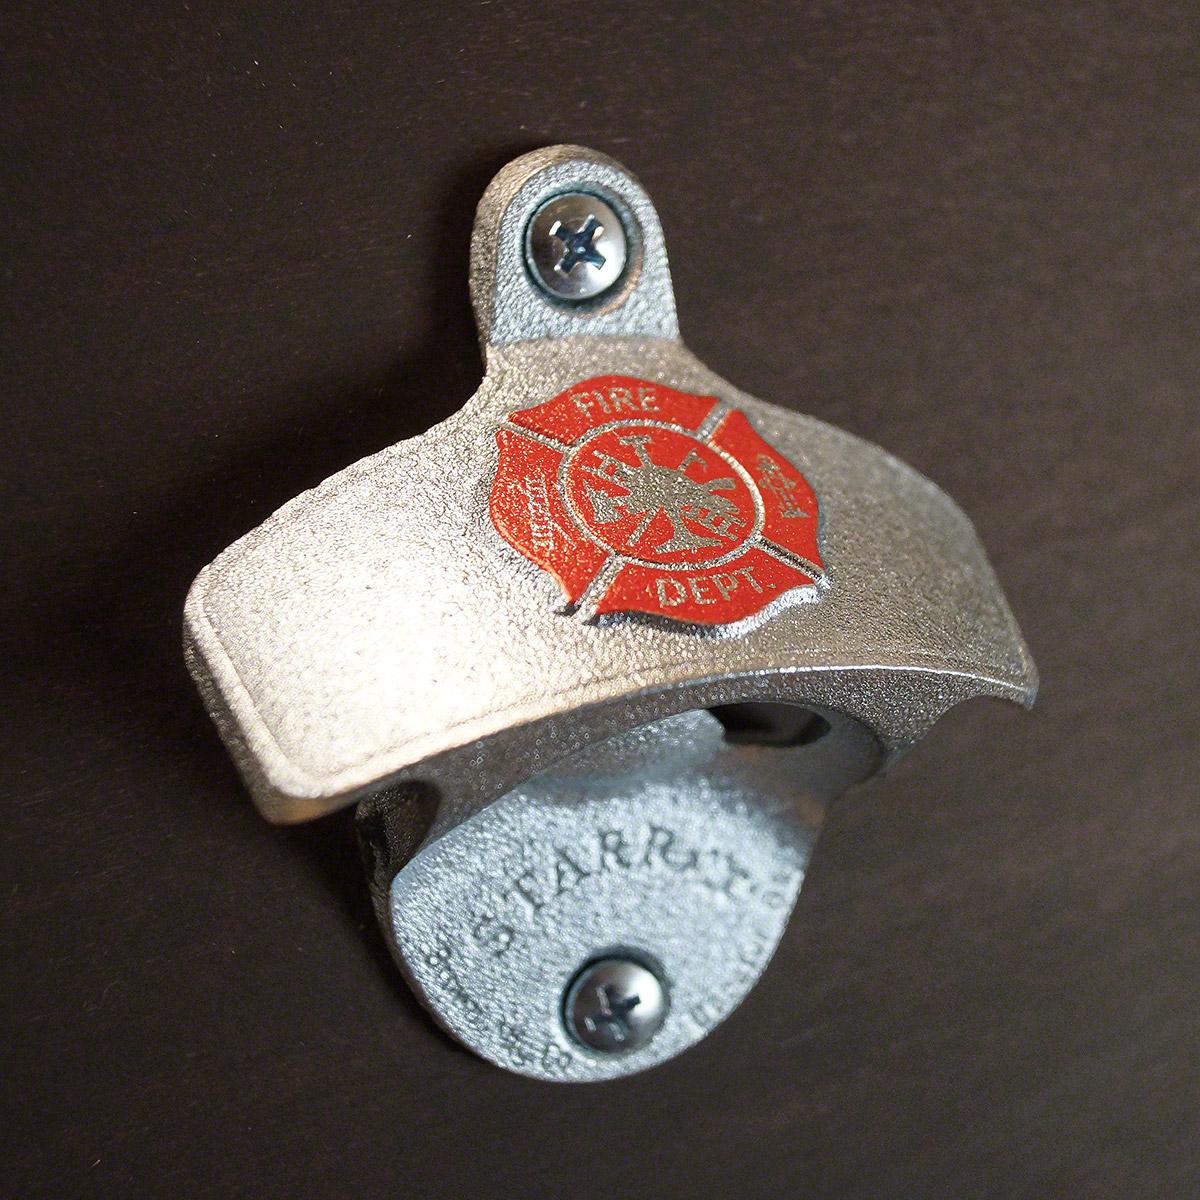 Firefighter-Shield-Zinc-Plated-Wall-Bottle-Opener